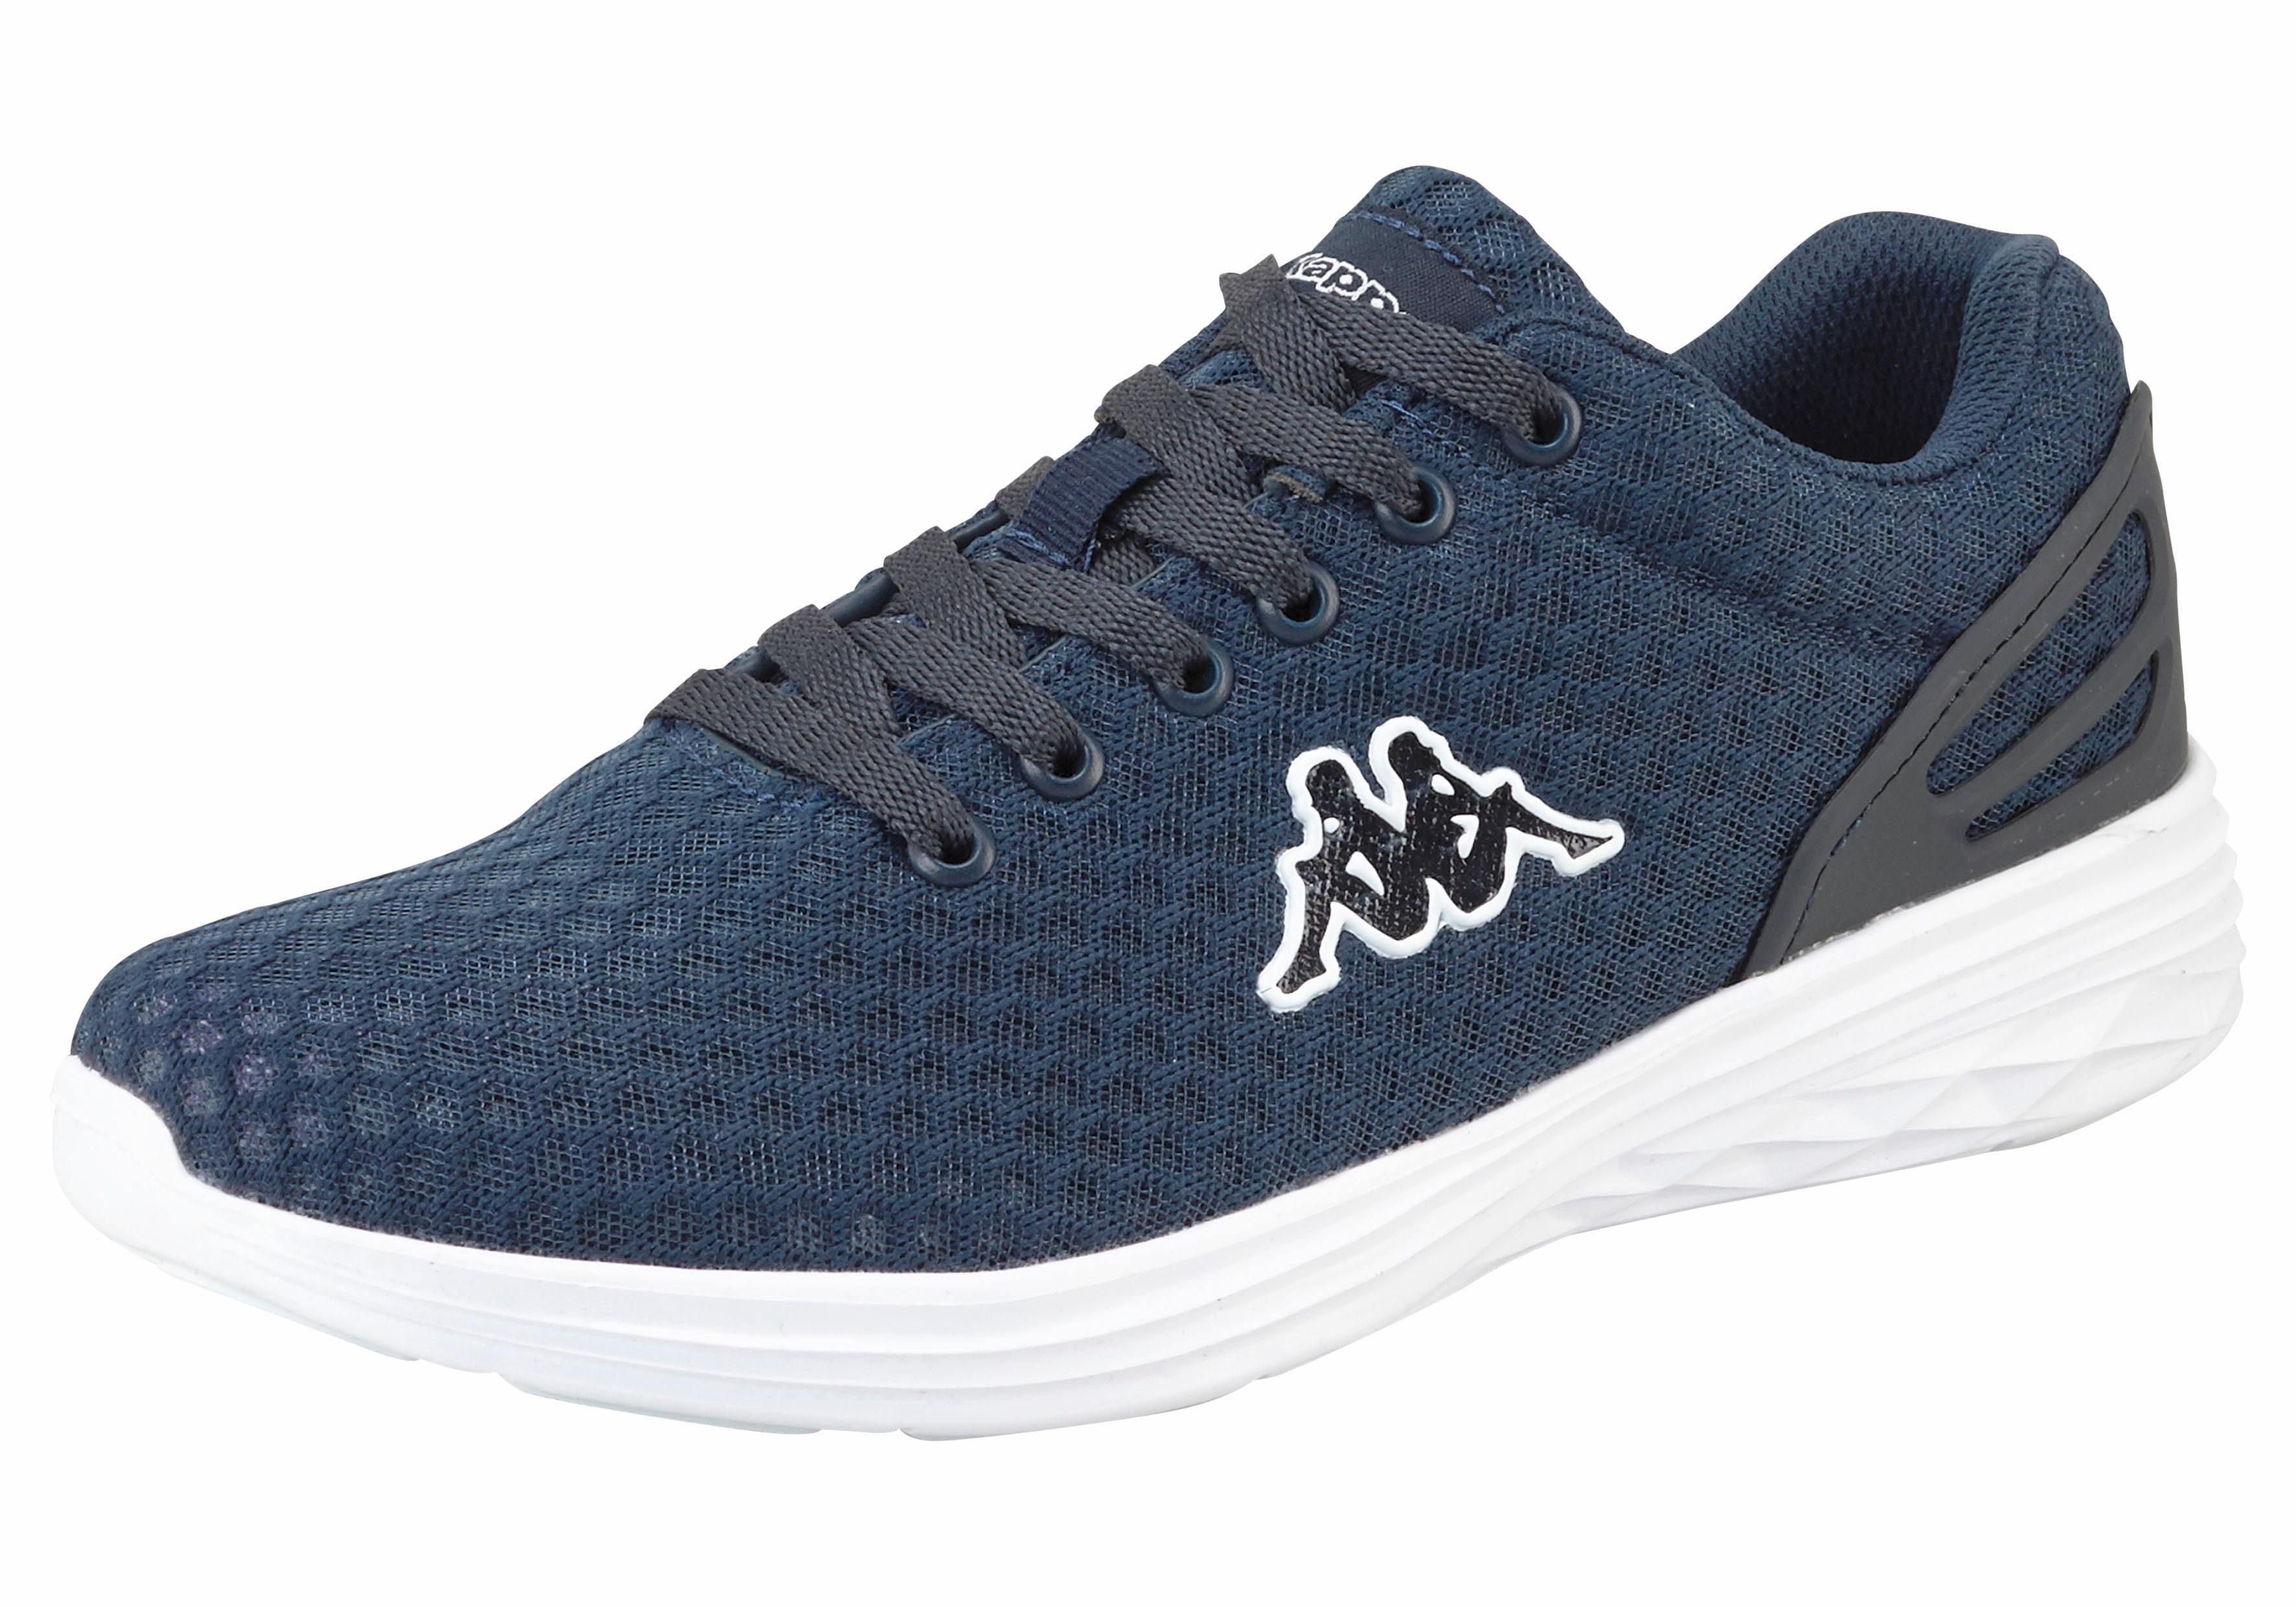 Kappa Chaussures Bleu Pour Les Hommes IeF2QU